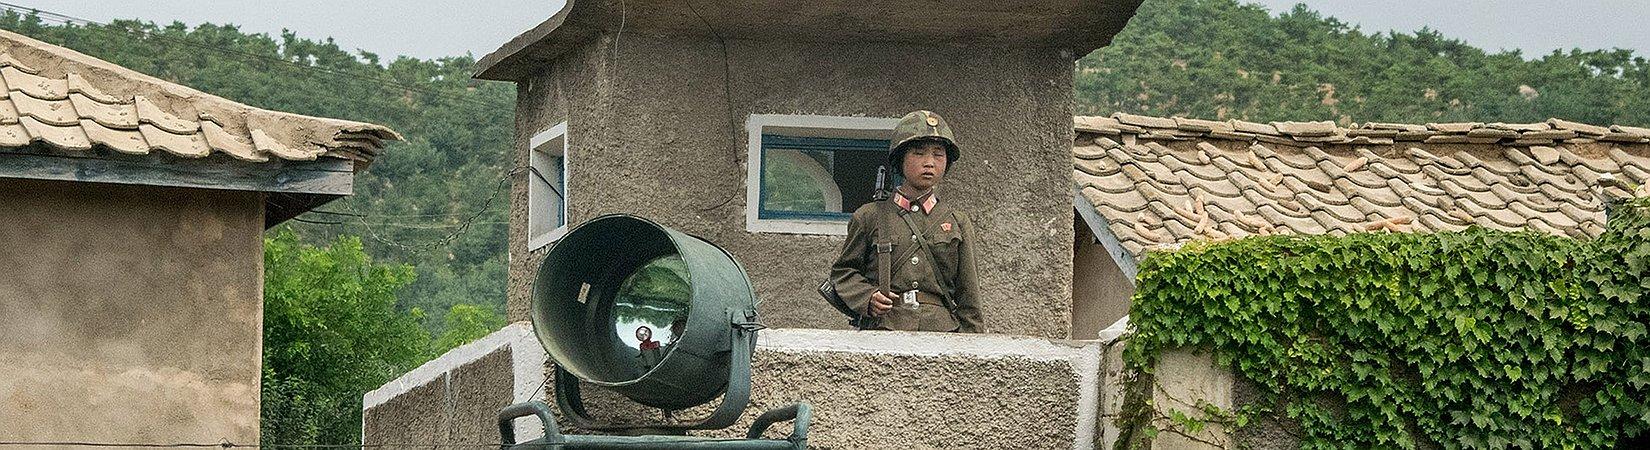 بالصور.. كيف يعيش الناس في كوريا الشمالية